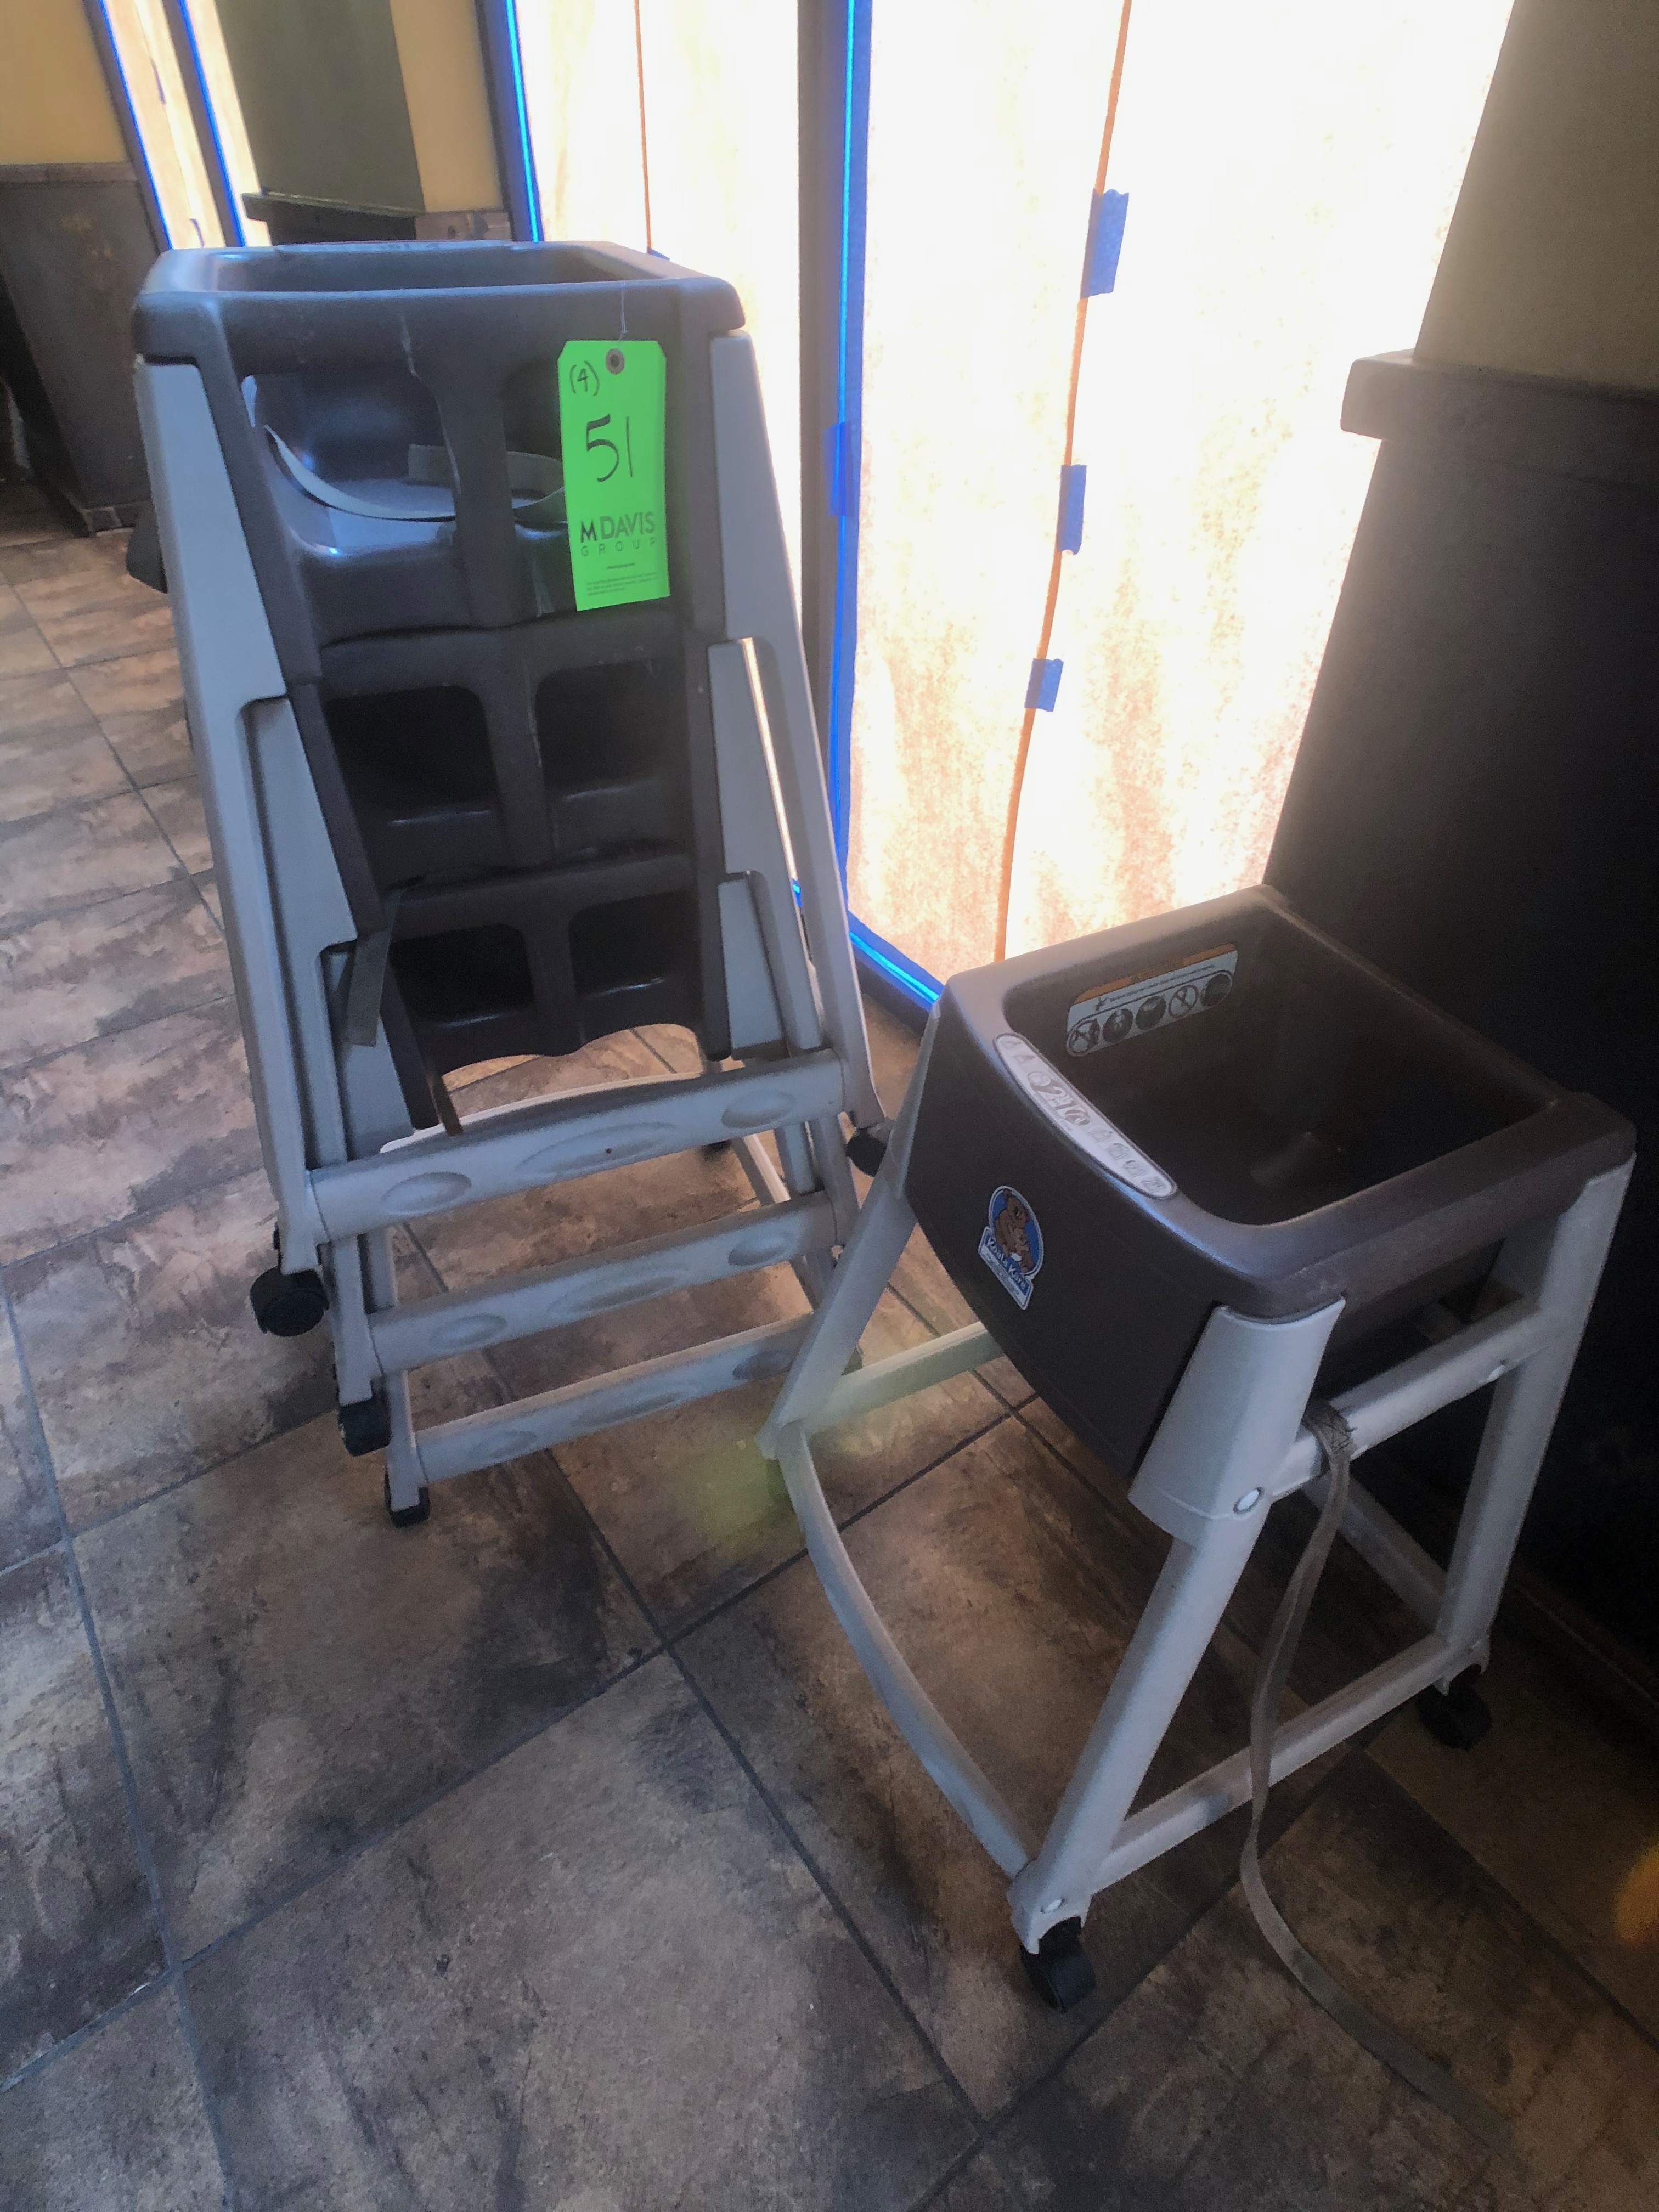 (4) Koala Kare Portable Booster Seat / High Chair, Model Kidsitter - Image 2 of 2